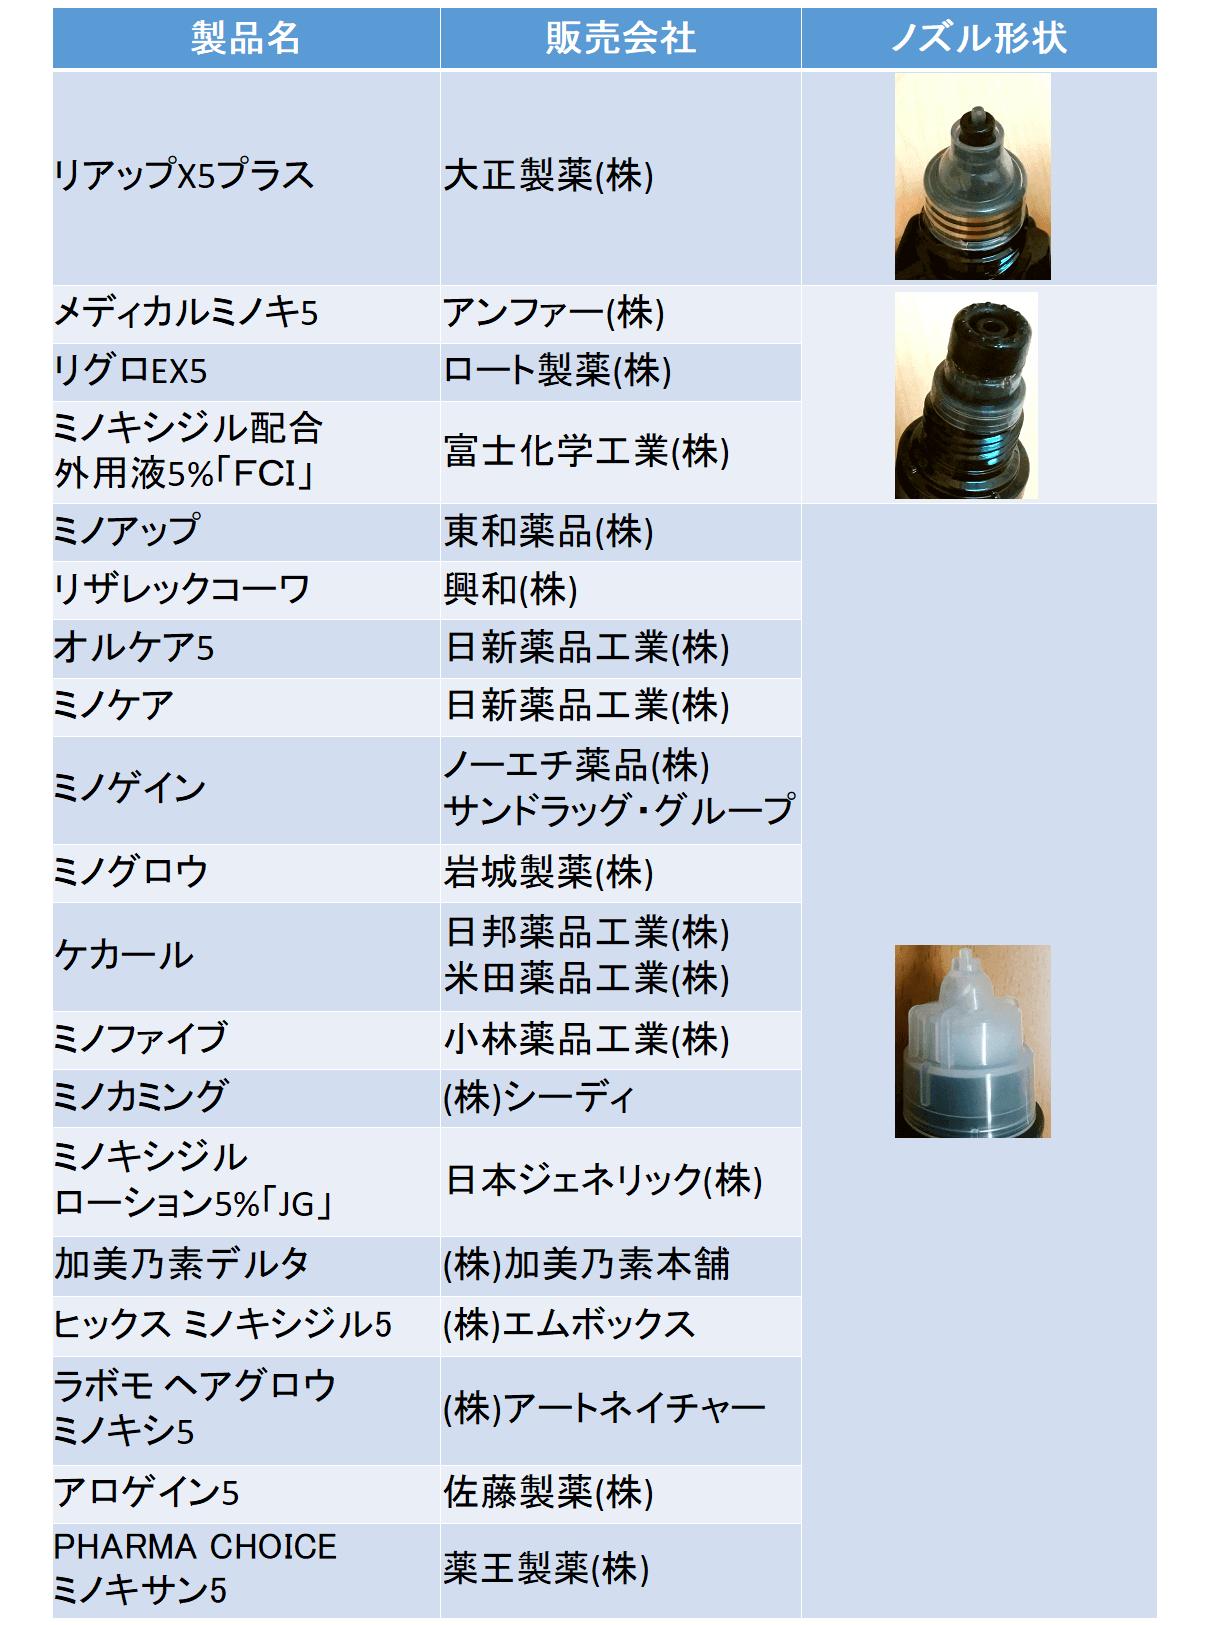 ミノキシジル配合一覧(ノズル)210205